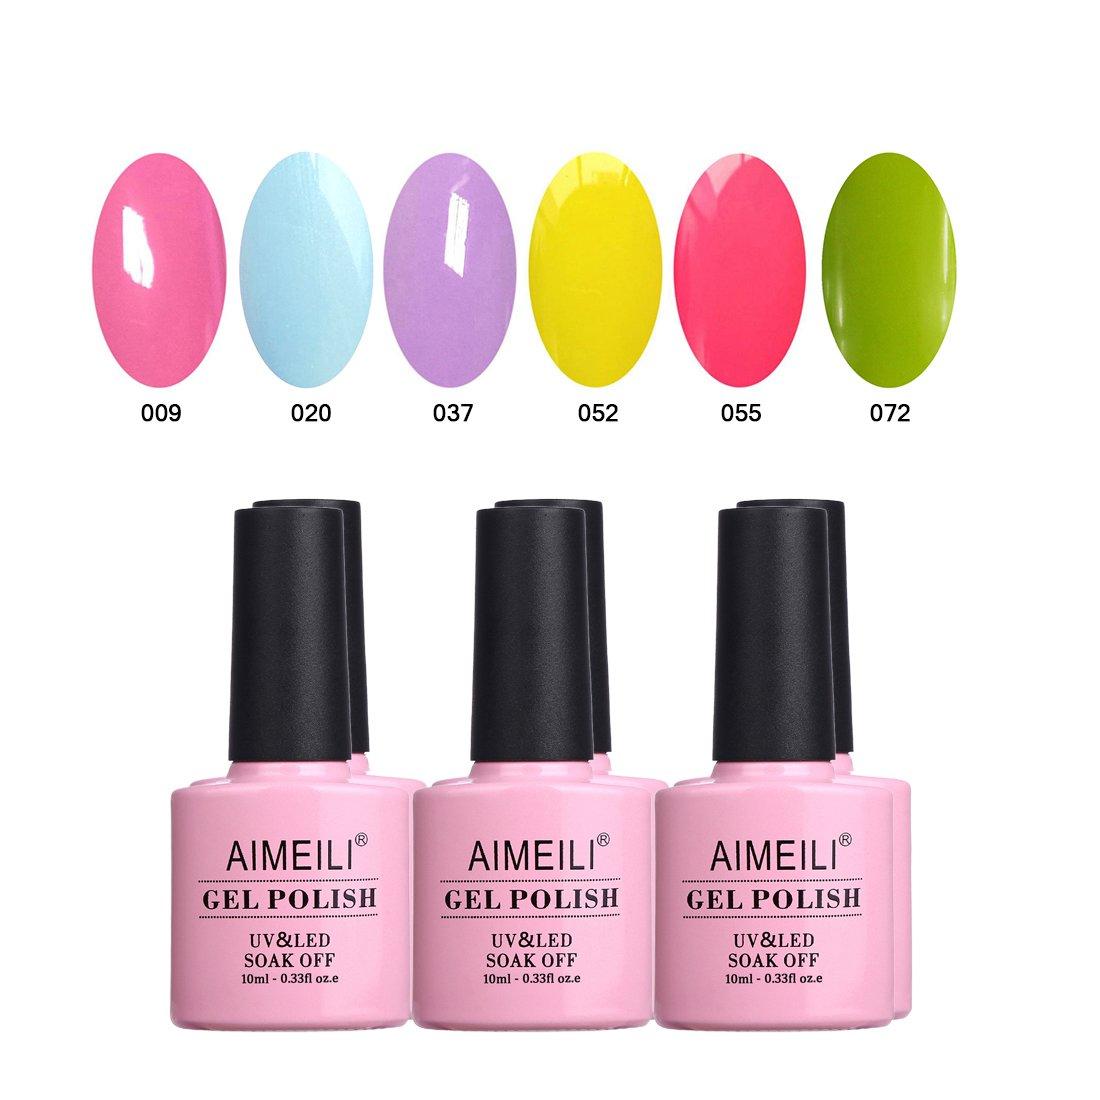 AIMEILI Set Smalto Semipermente in Gel UV LED per Manicure Smalti per Unghie Soak Off Gel Polish Estate Primavera Colorati Set 6 x 10 ml (SET6-24)